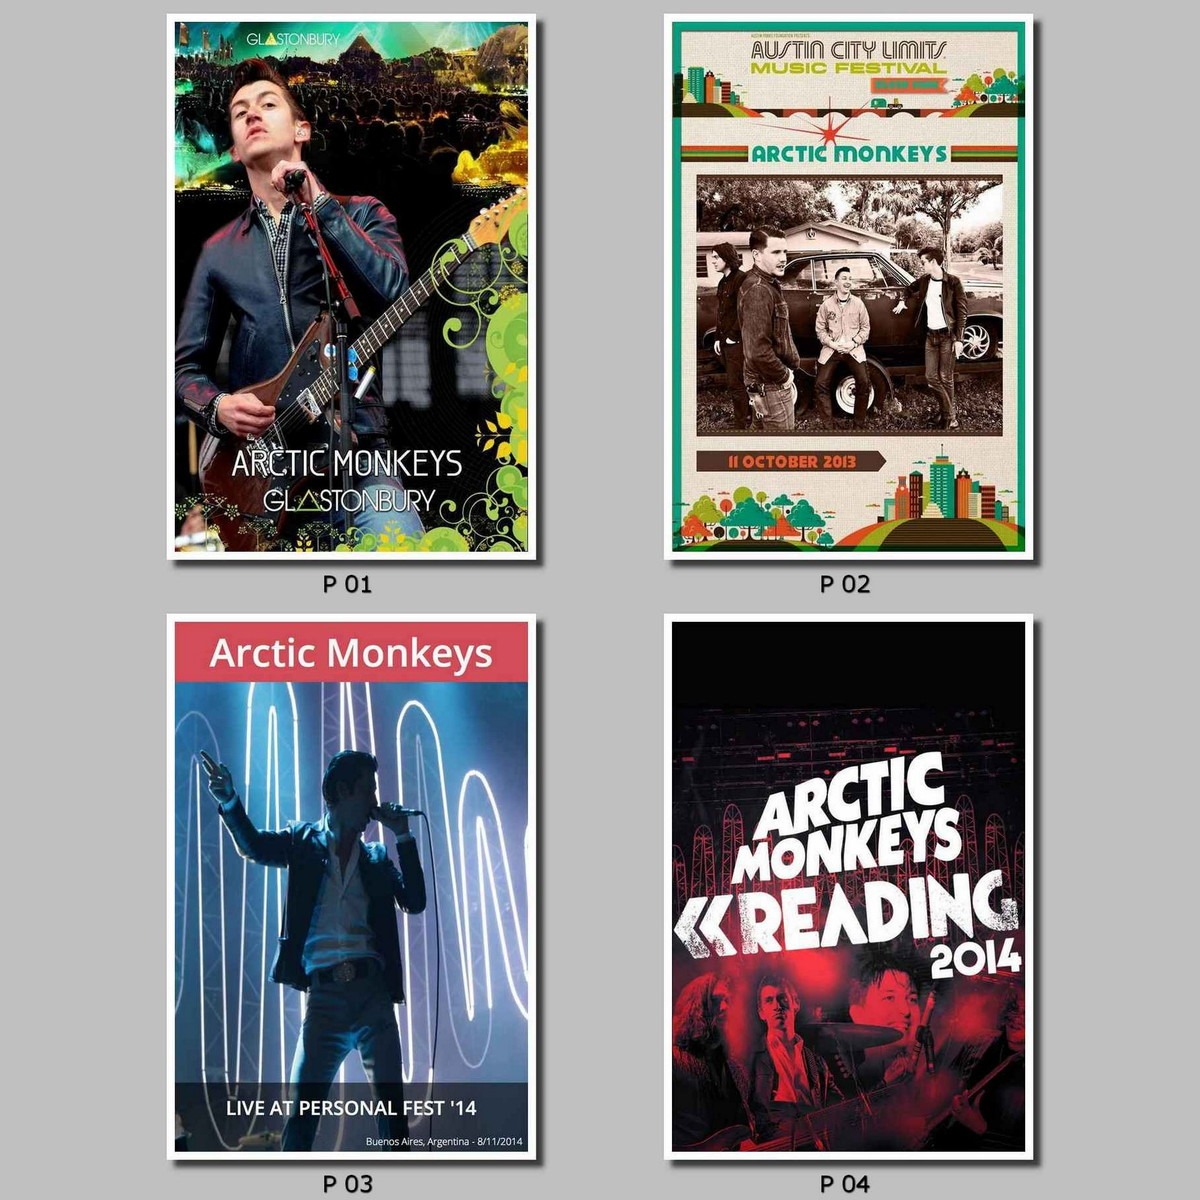 Poster Bandas Musicos Arctic Monkeys No Elo7 Poster Cia 143189d